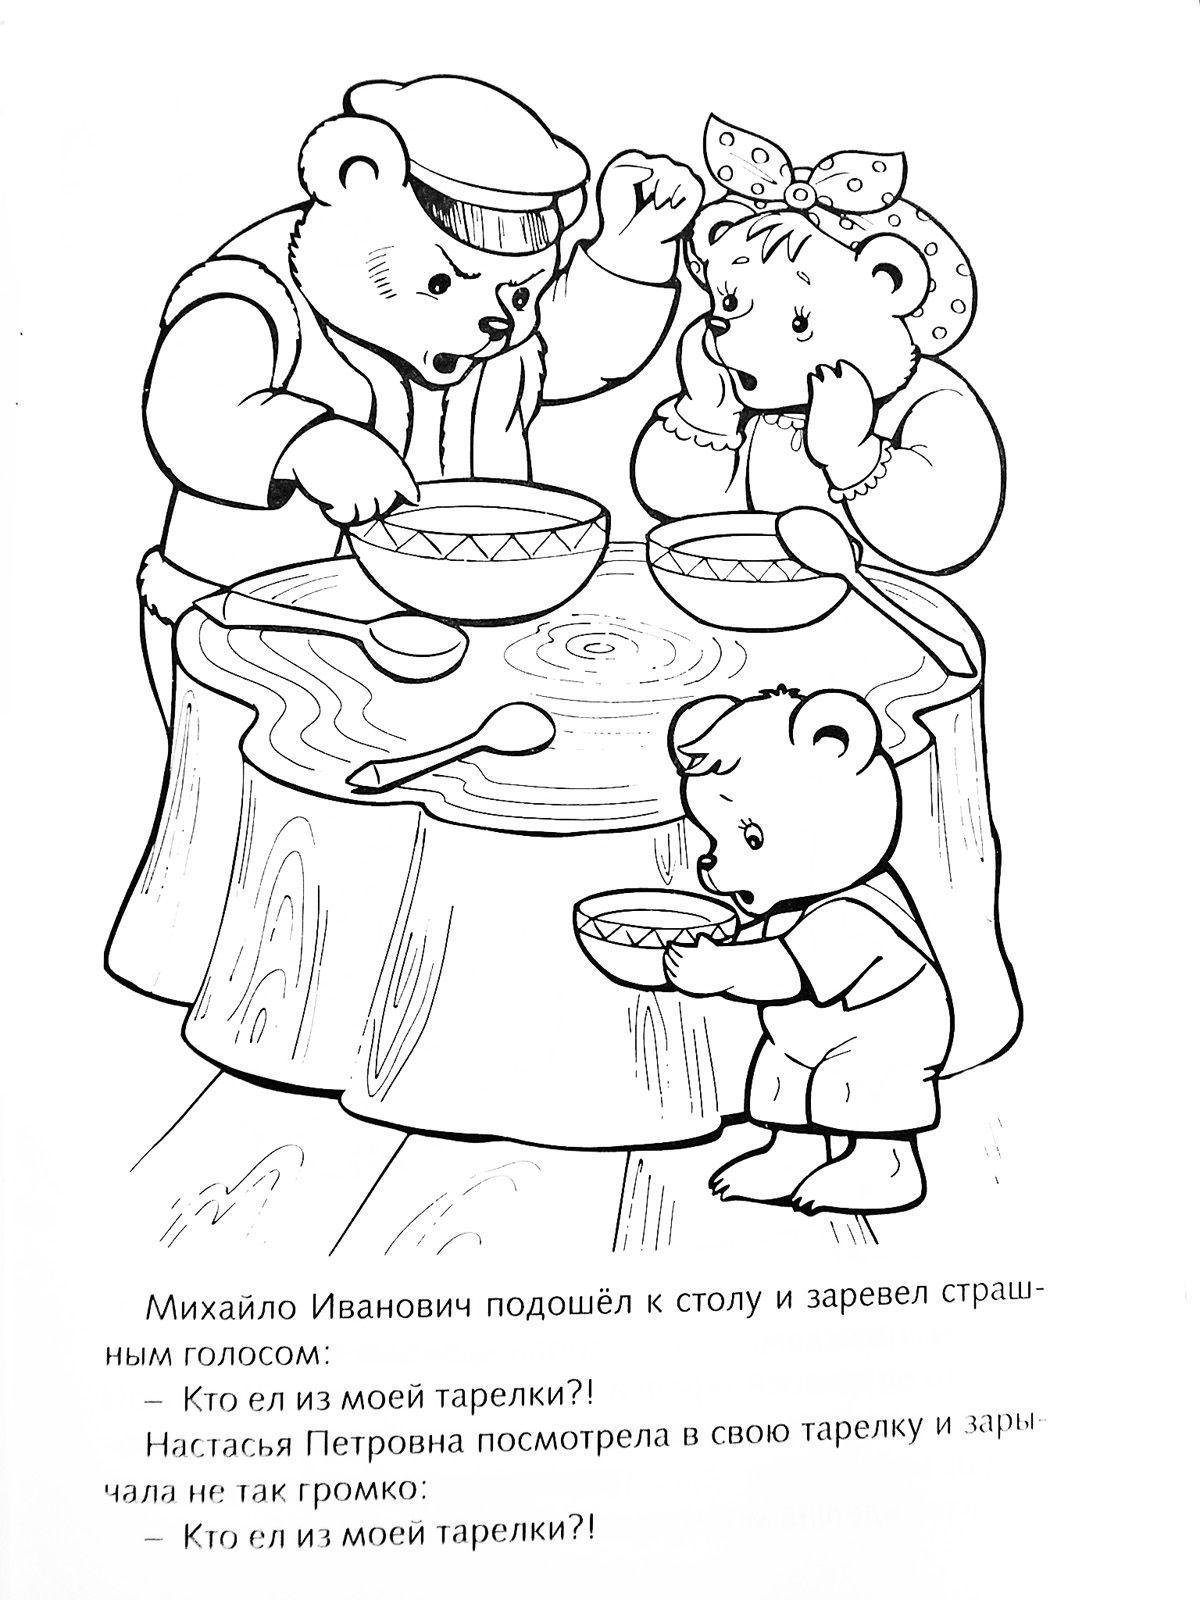 Раскраска Три медведя распечатать бесплатно, формат а4